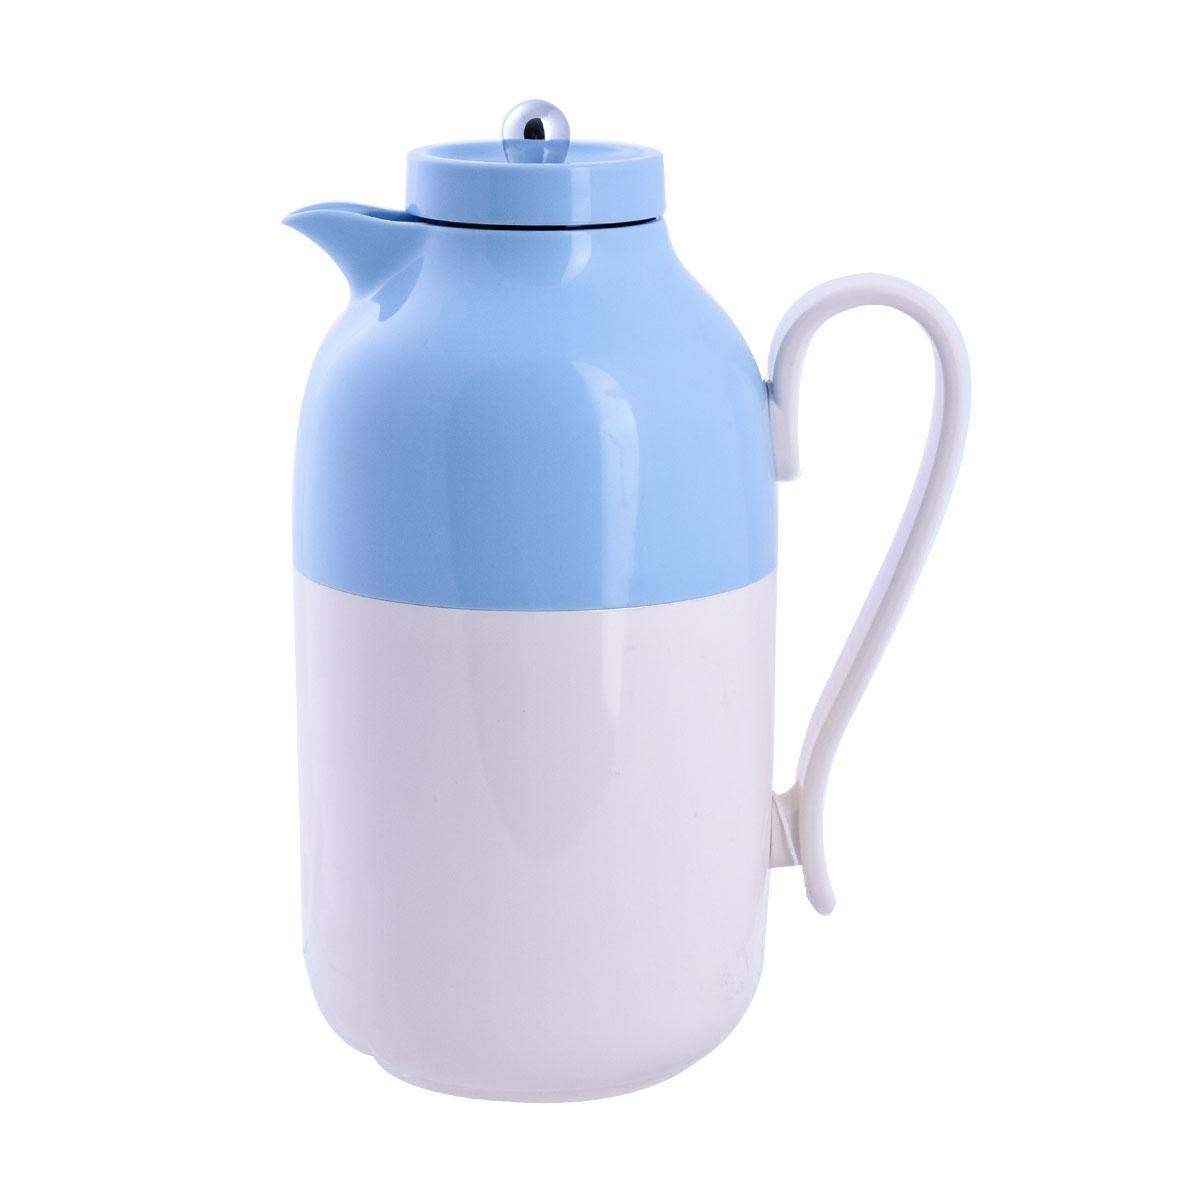 ترمس شاي وقهوة ديفا -DEVA- لؤلؤي مع سماوي - مقاس 1.0لتر - رقم  K190480/CLR3